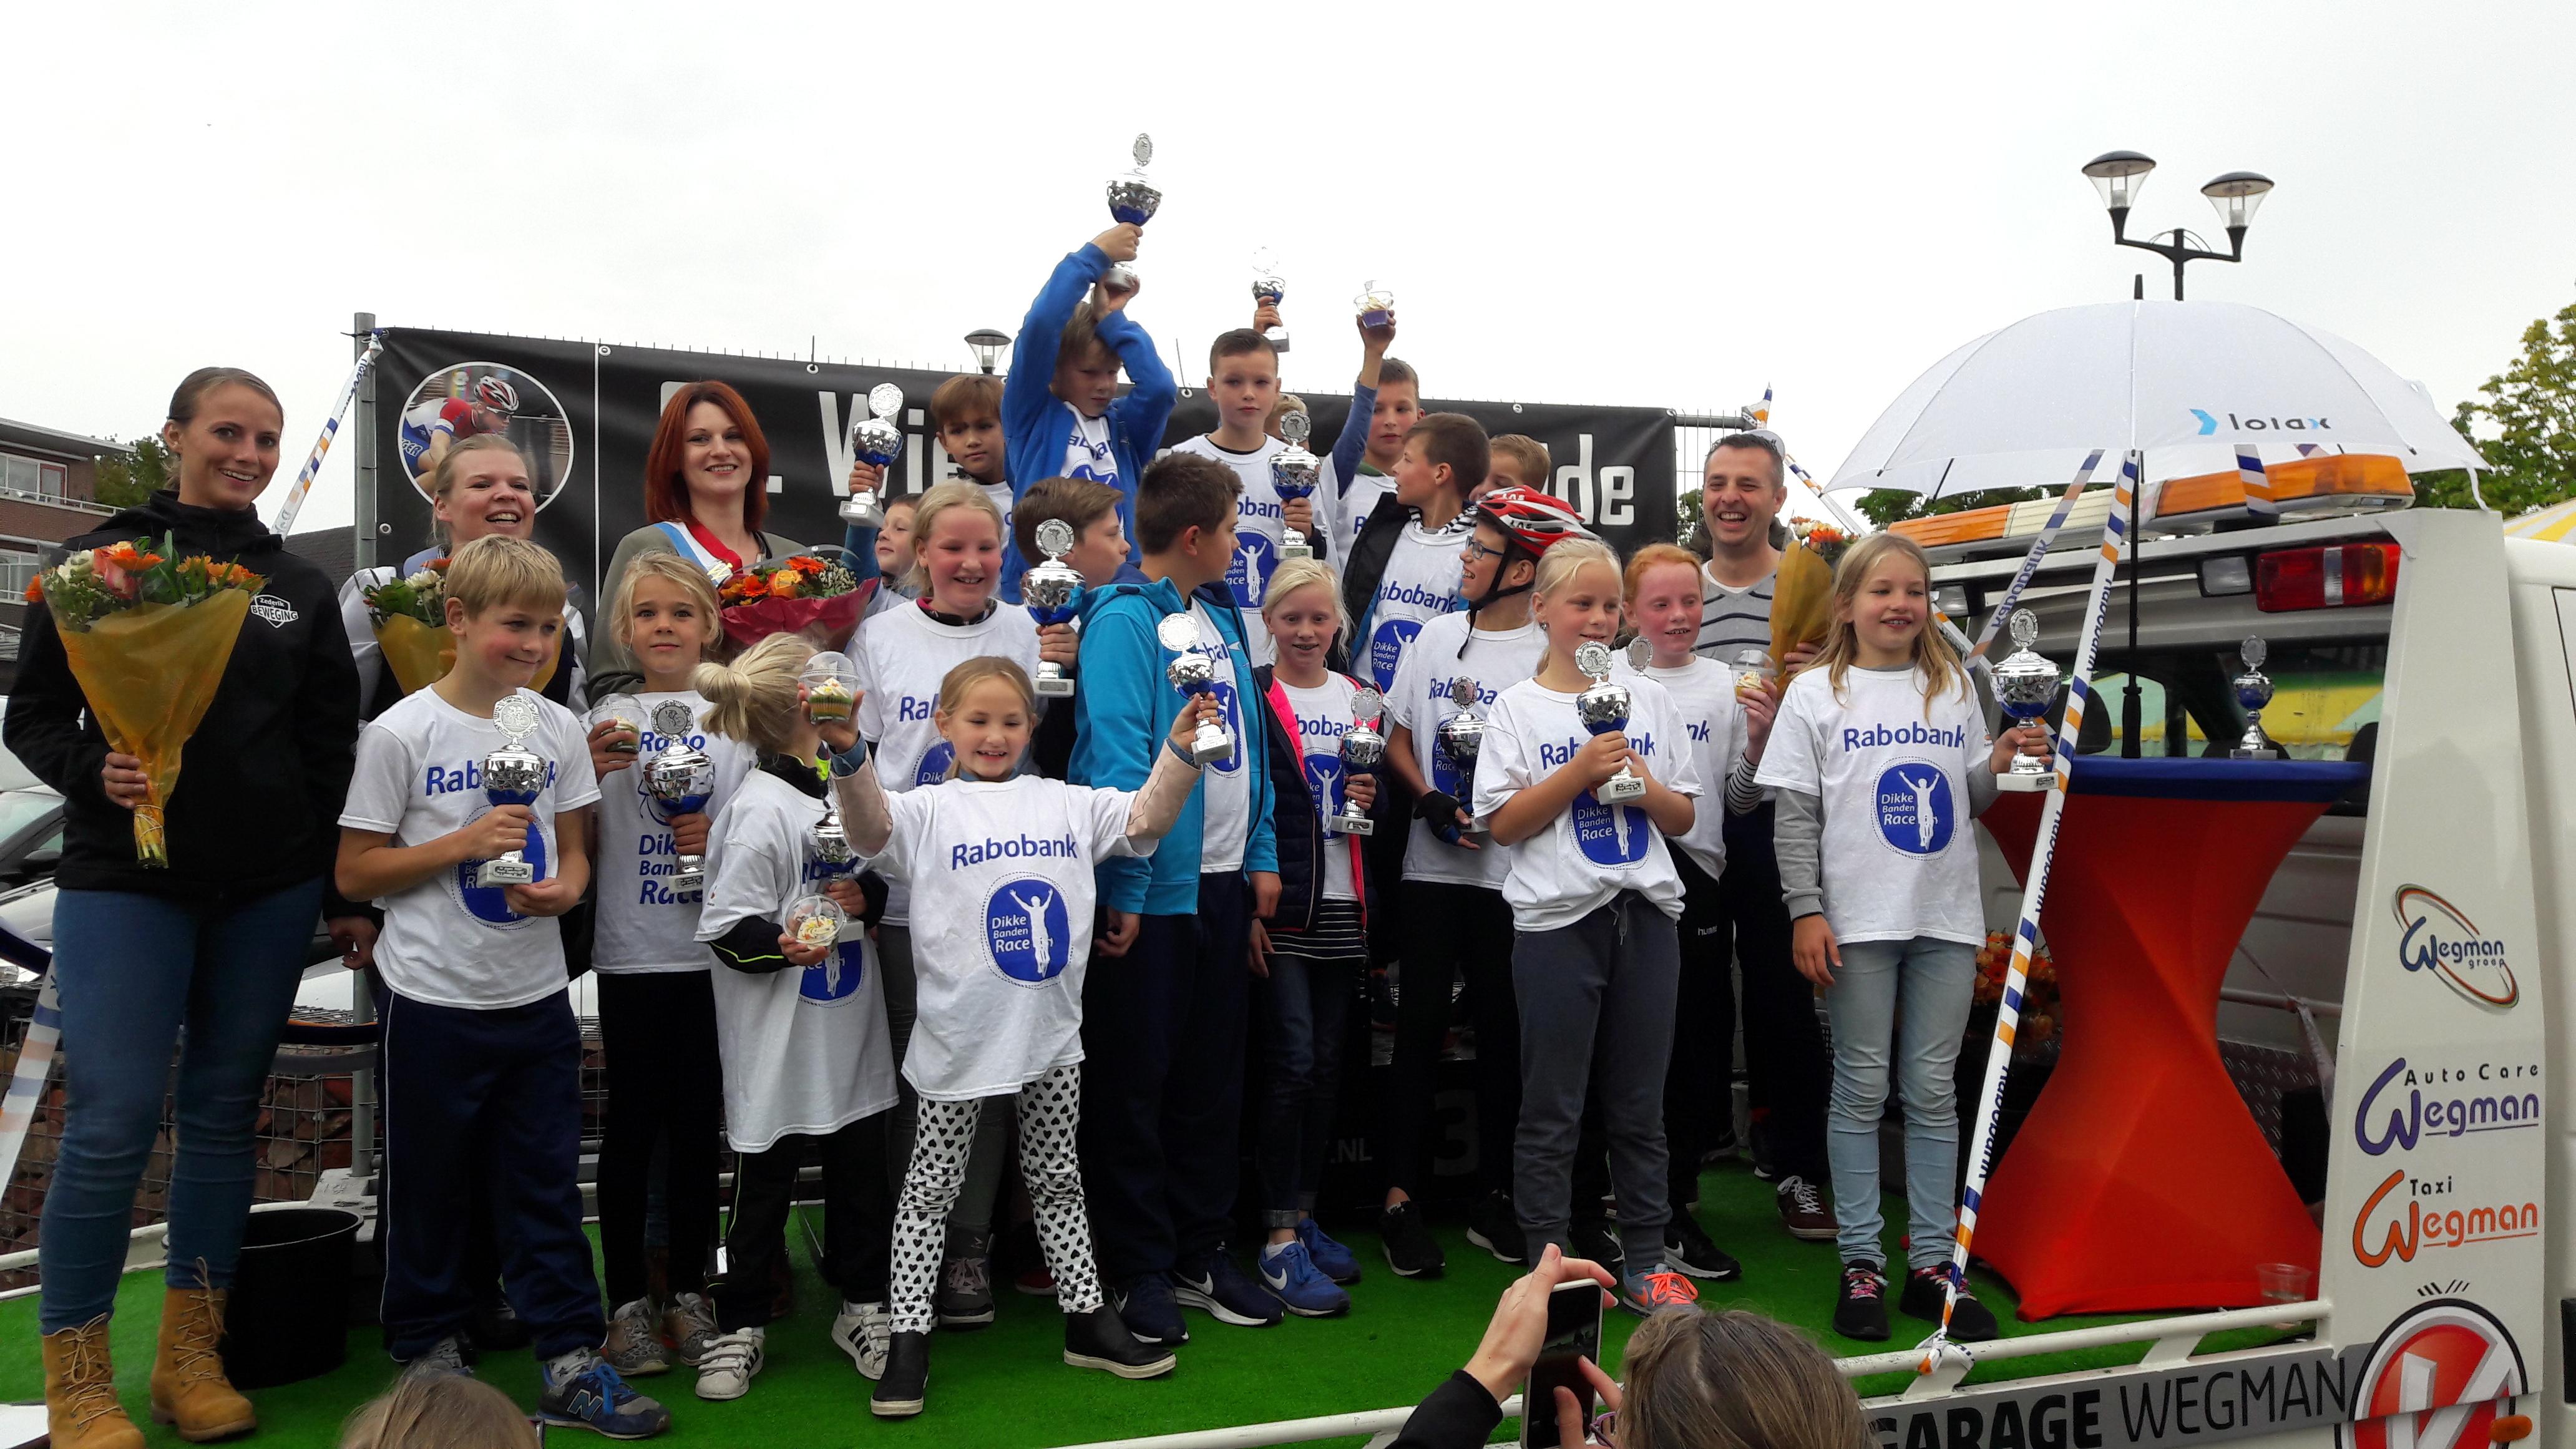 Podiumwinnaars_finale_Rabobank_Dikke_Banden_Race_Zederik_2017